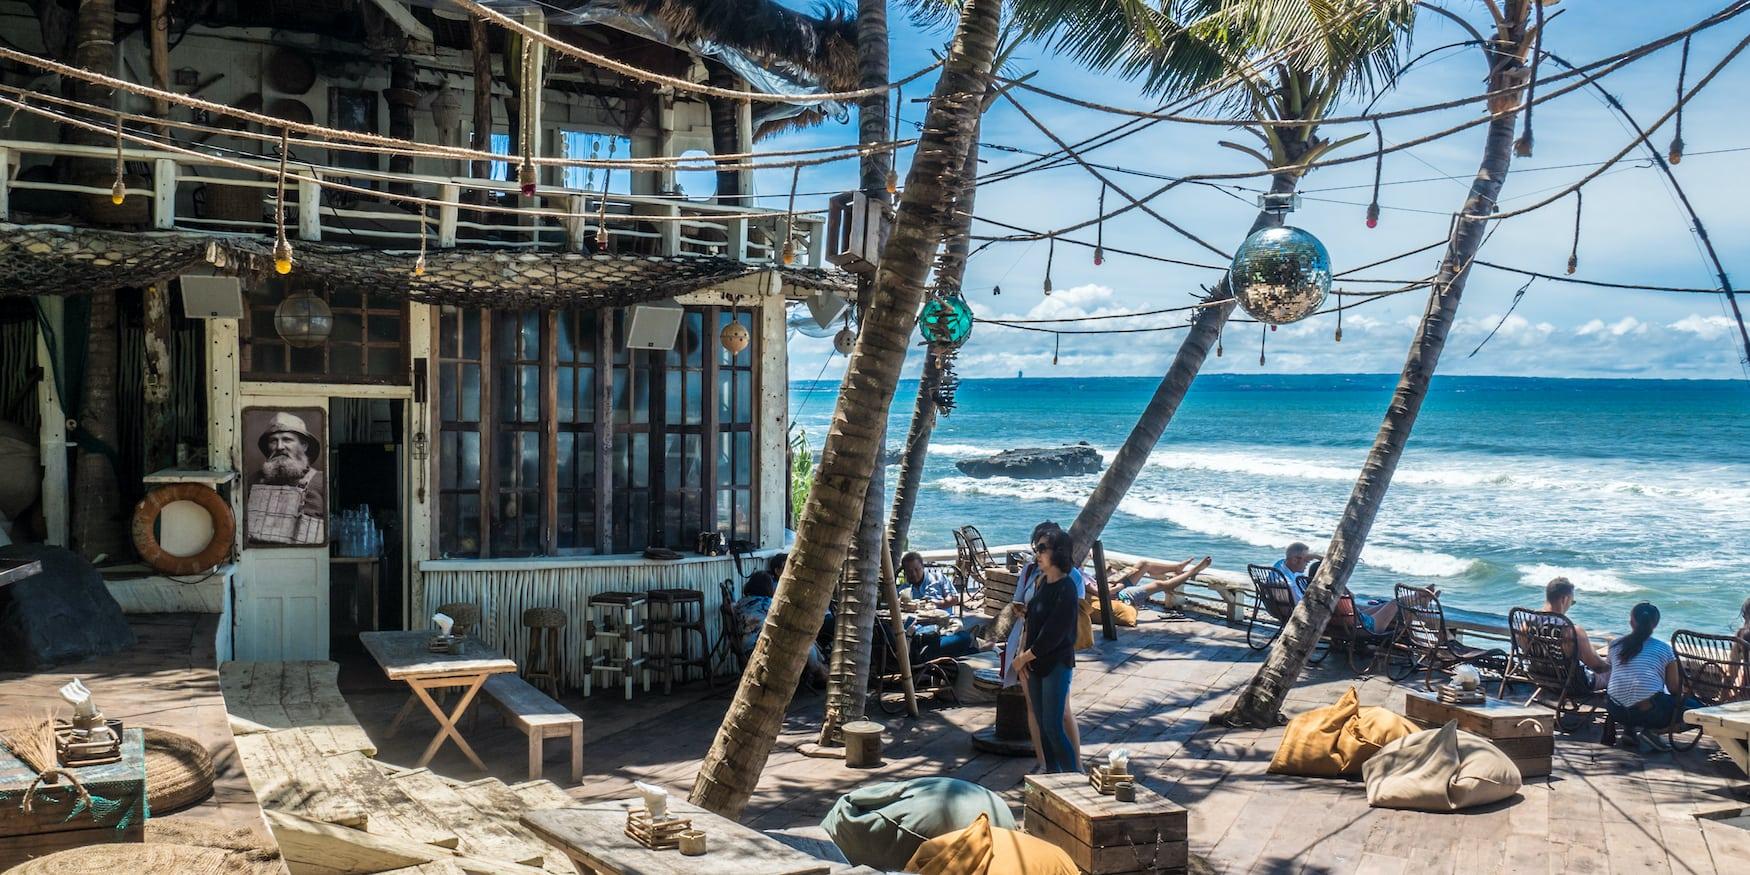 Strandbar am Strand von Seminyak auf Bali, Indonesien